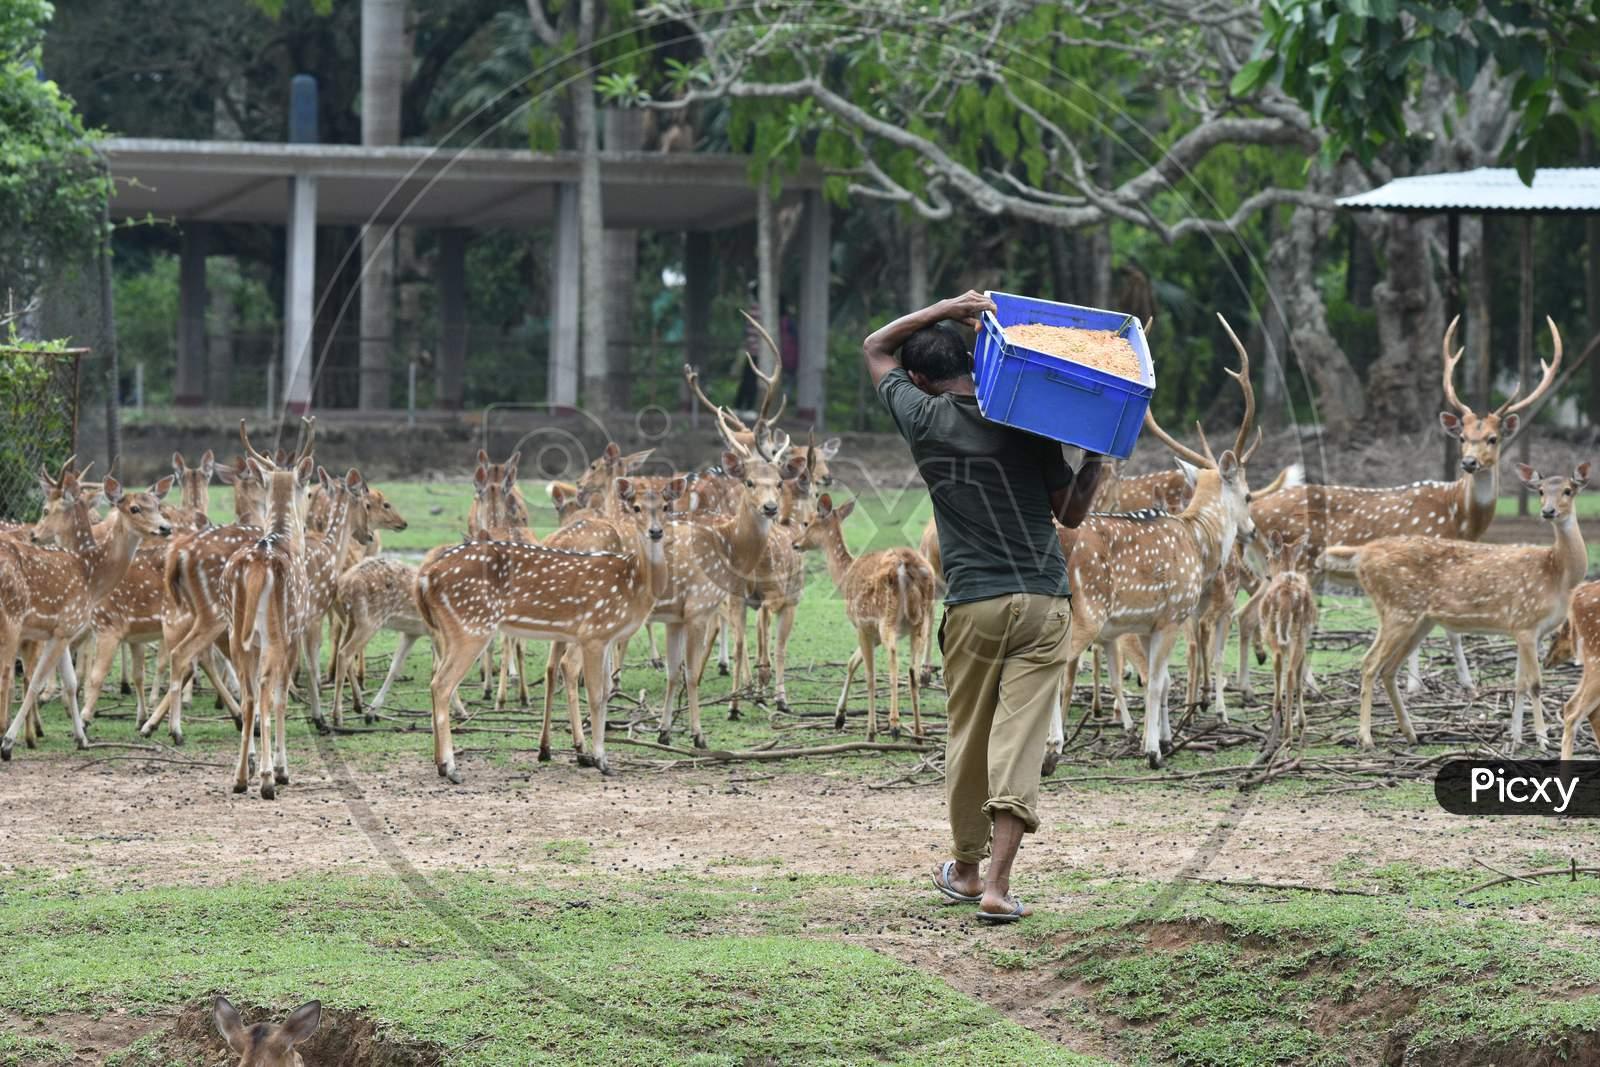 Caretaker Feeding Horned Wild Deer In Kaziranga National Park, Assam